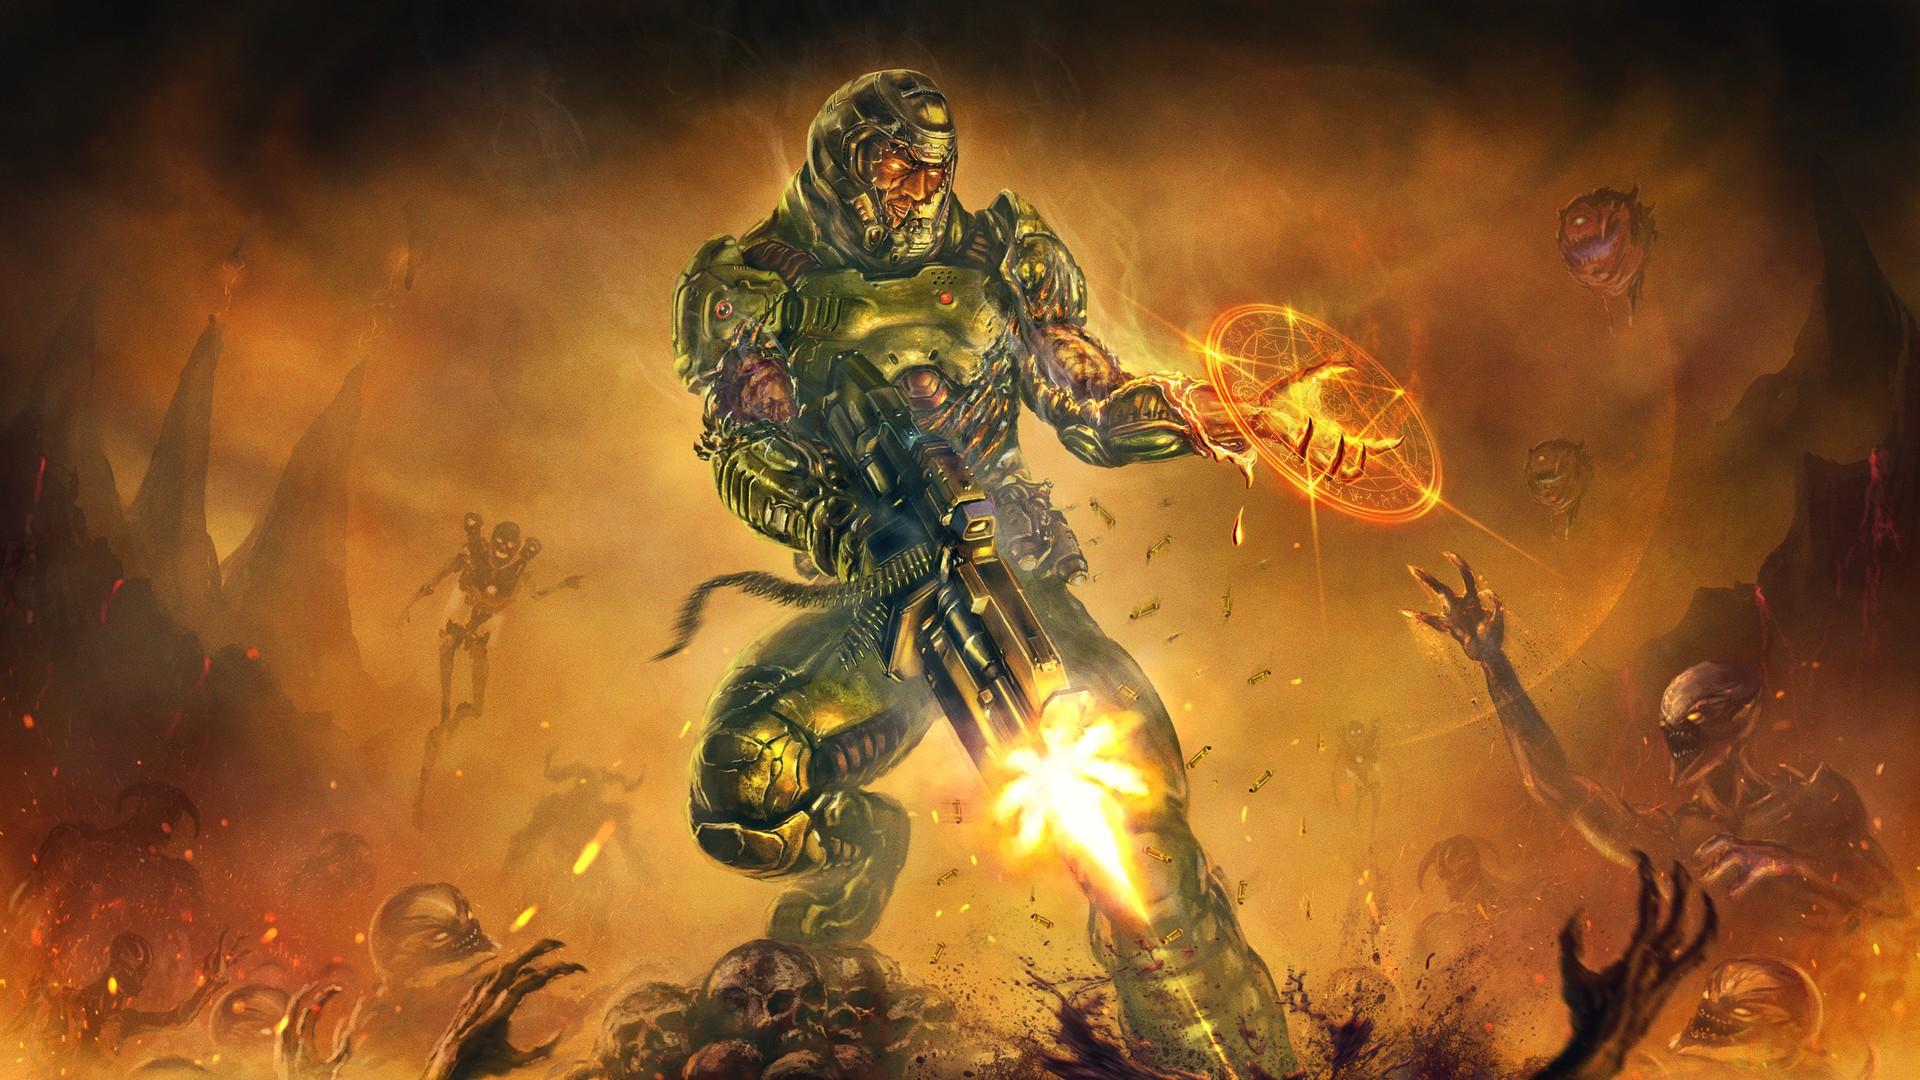 Fondos De Pantalla 1920x1080 Px Doom Juego Doom 4